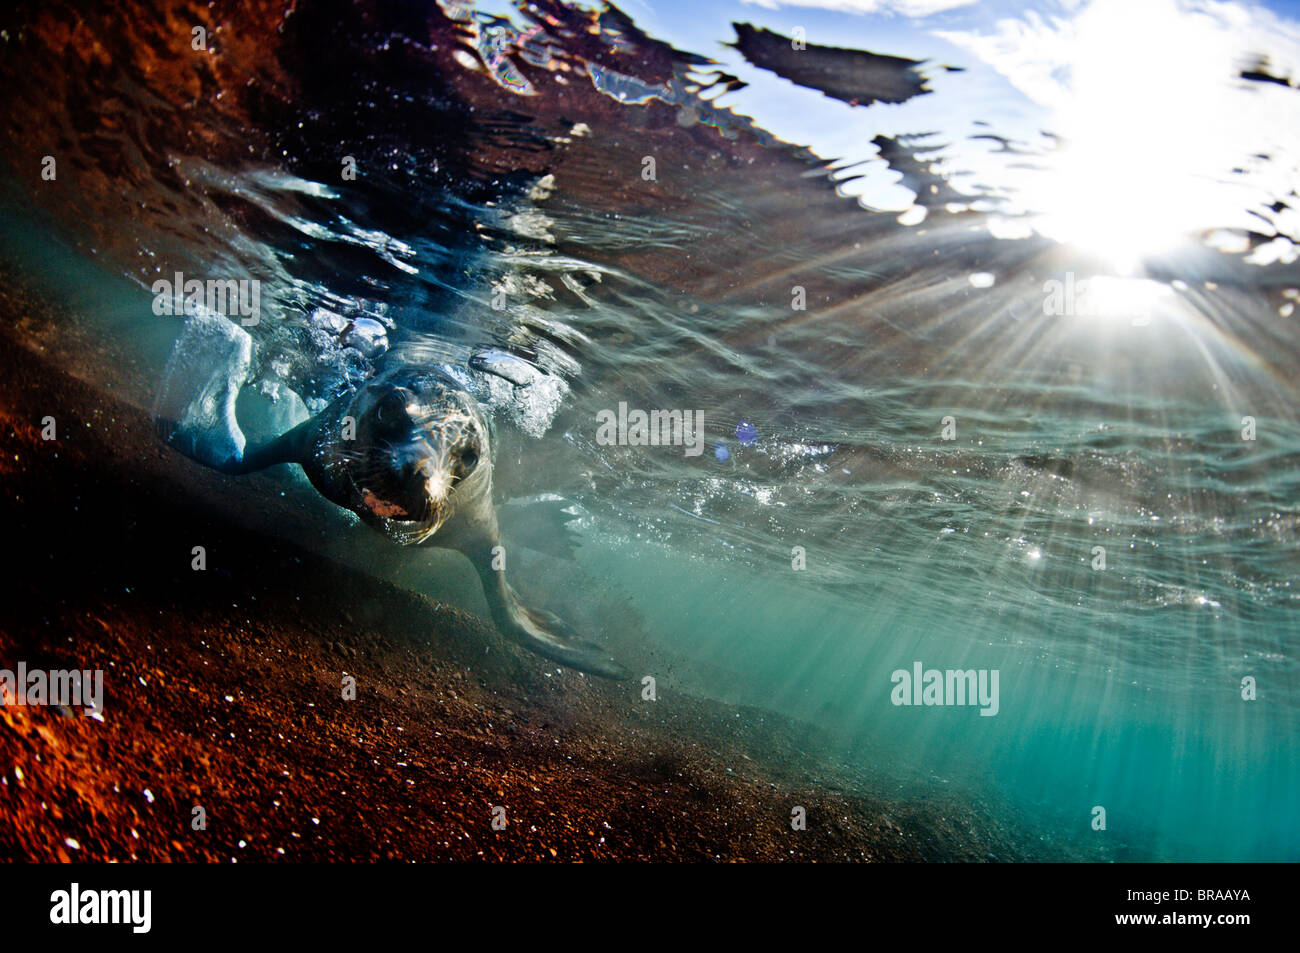 Ein Seelöwe in den seichten Gewässern um die Insel Rabida, Galapagos, Ecuador, Südamerika Stockbild